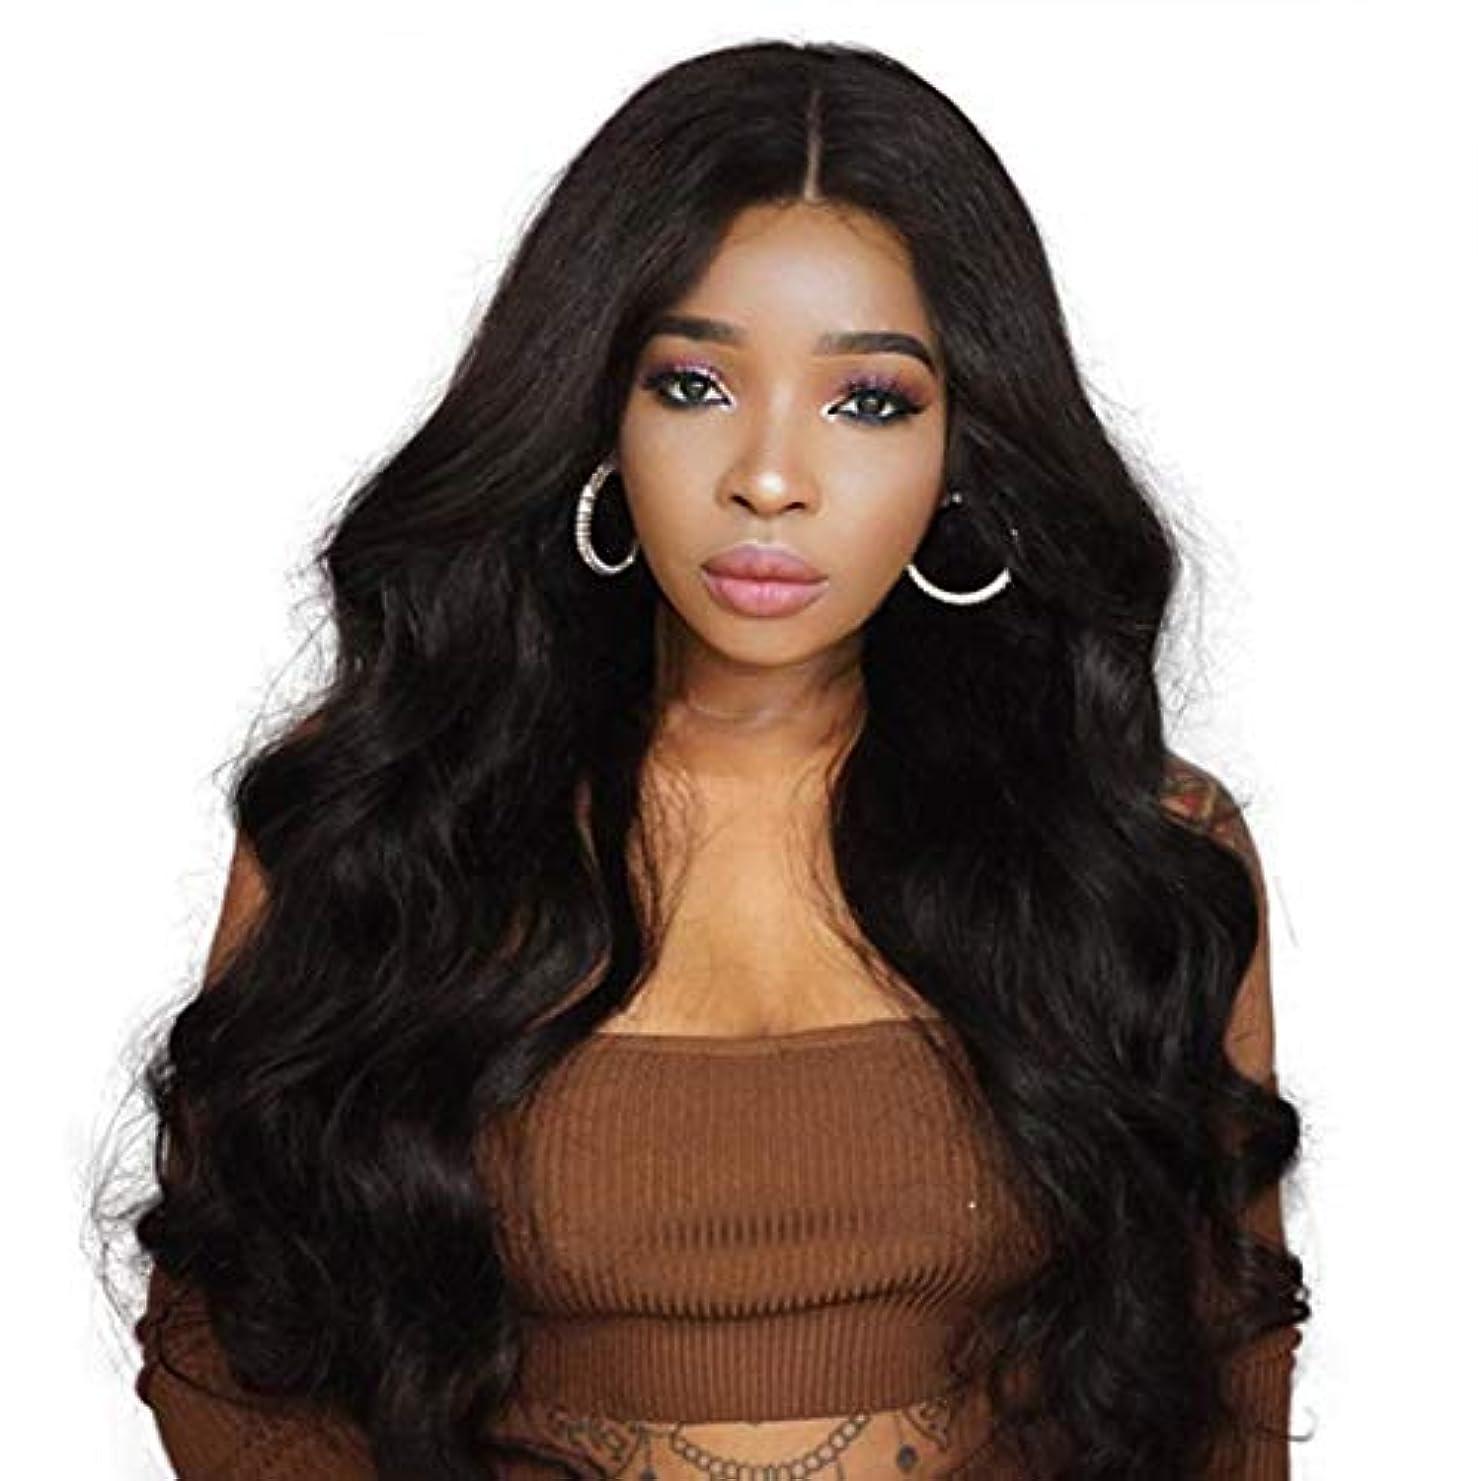 申し込む警戒固体Kerwinner 黒人女性のための長い波状の合成かつらカーリー合成かつら